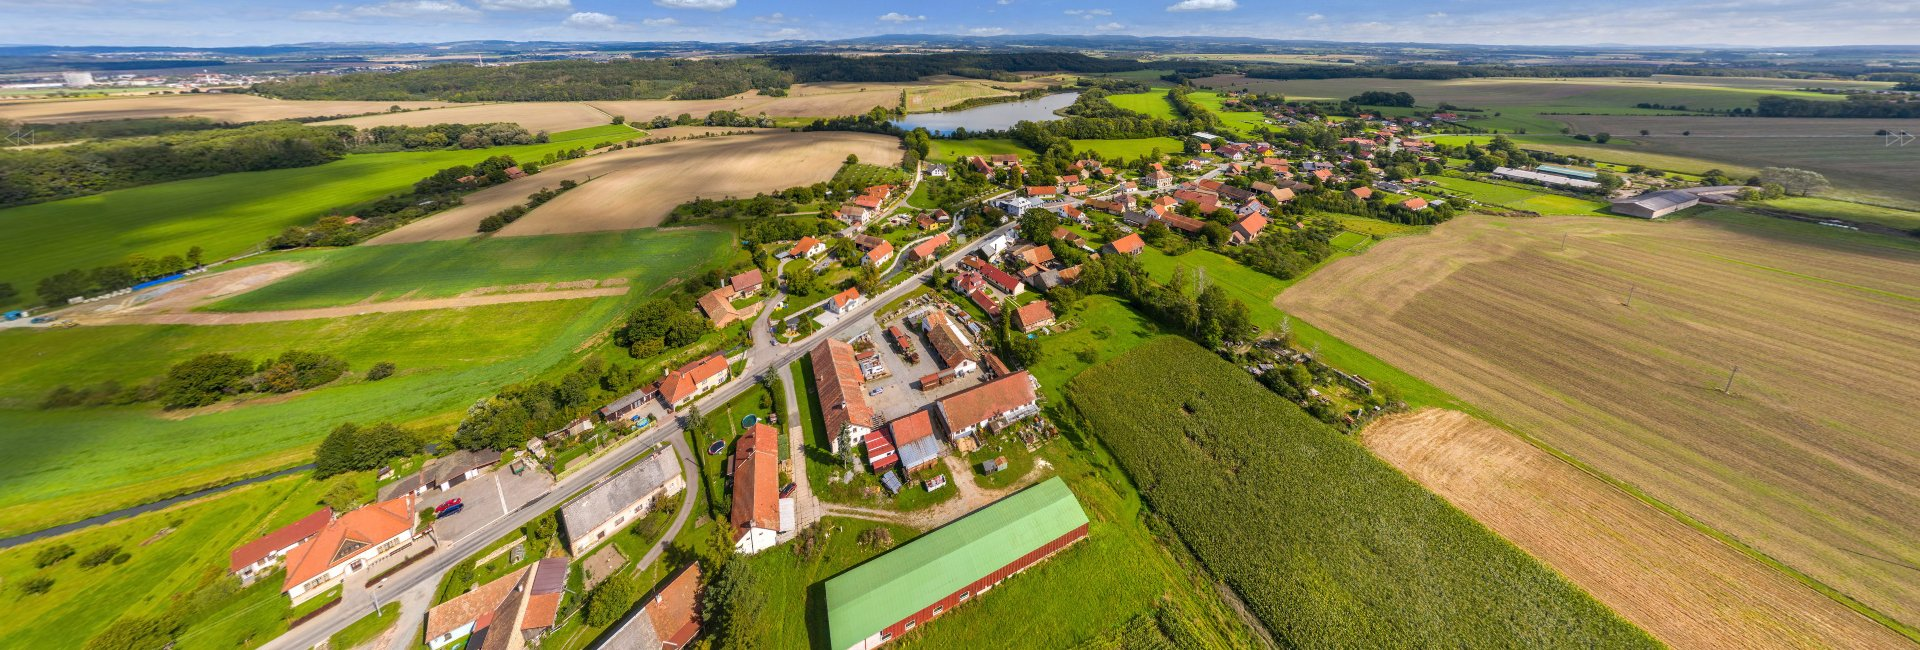 Letecký pohled na obec Semechnice